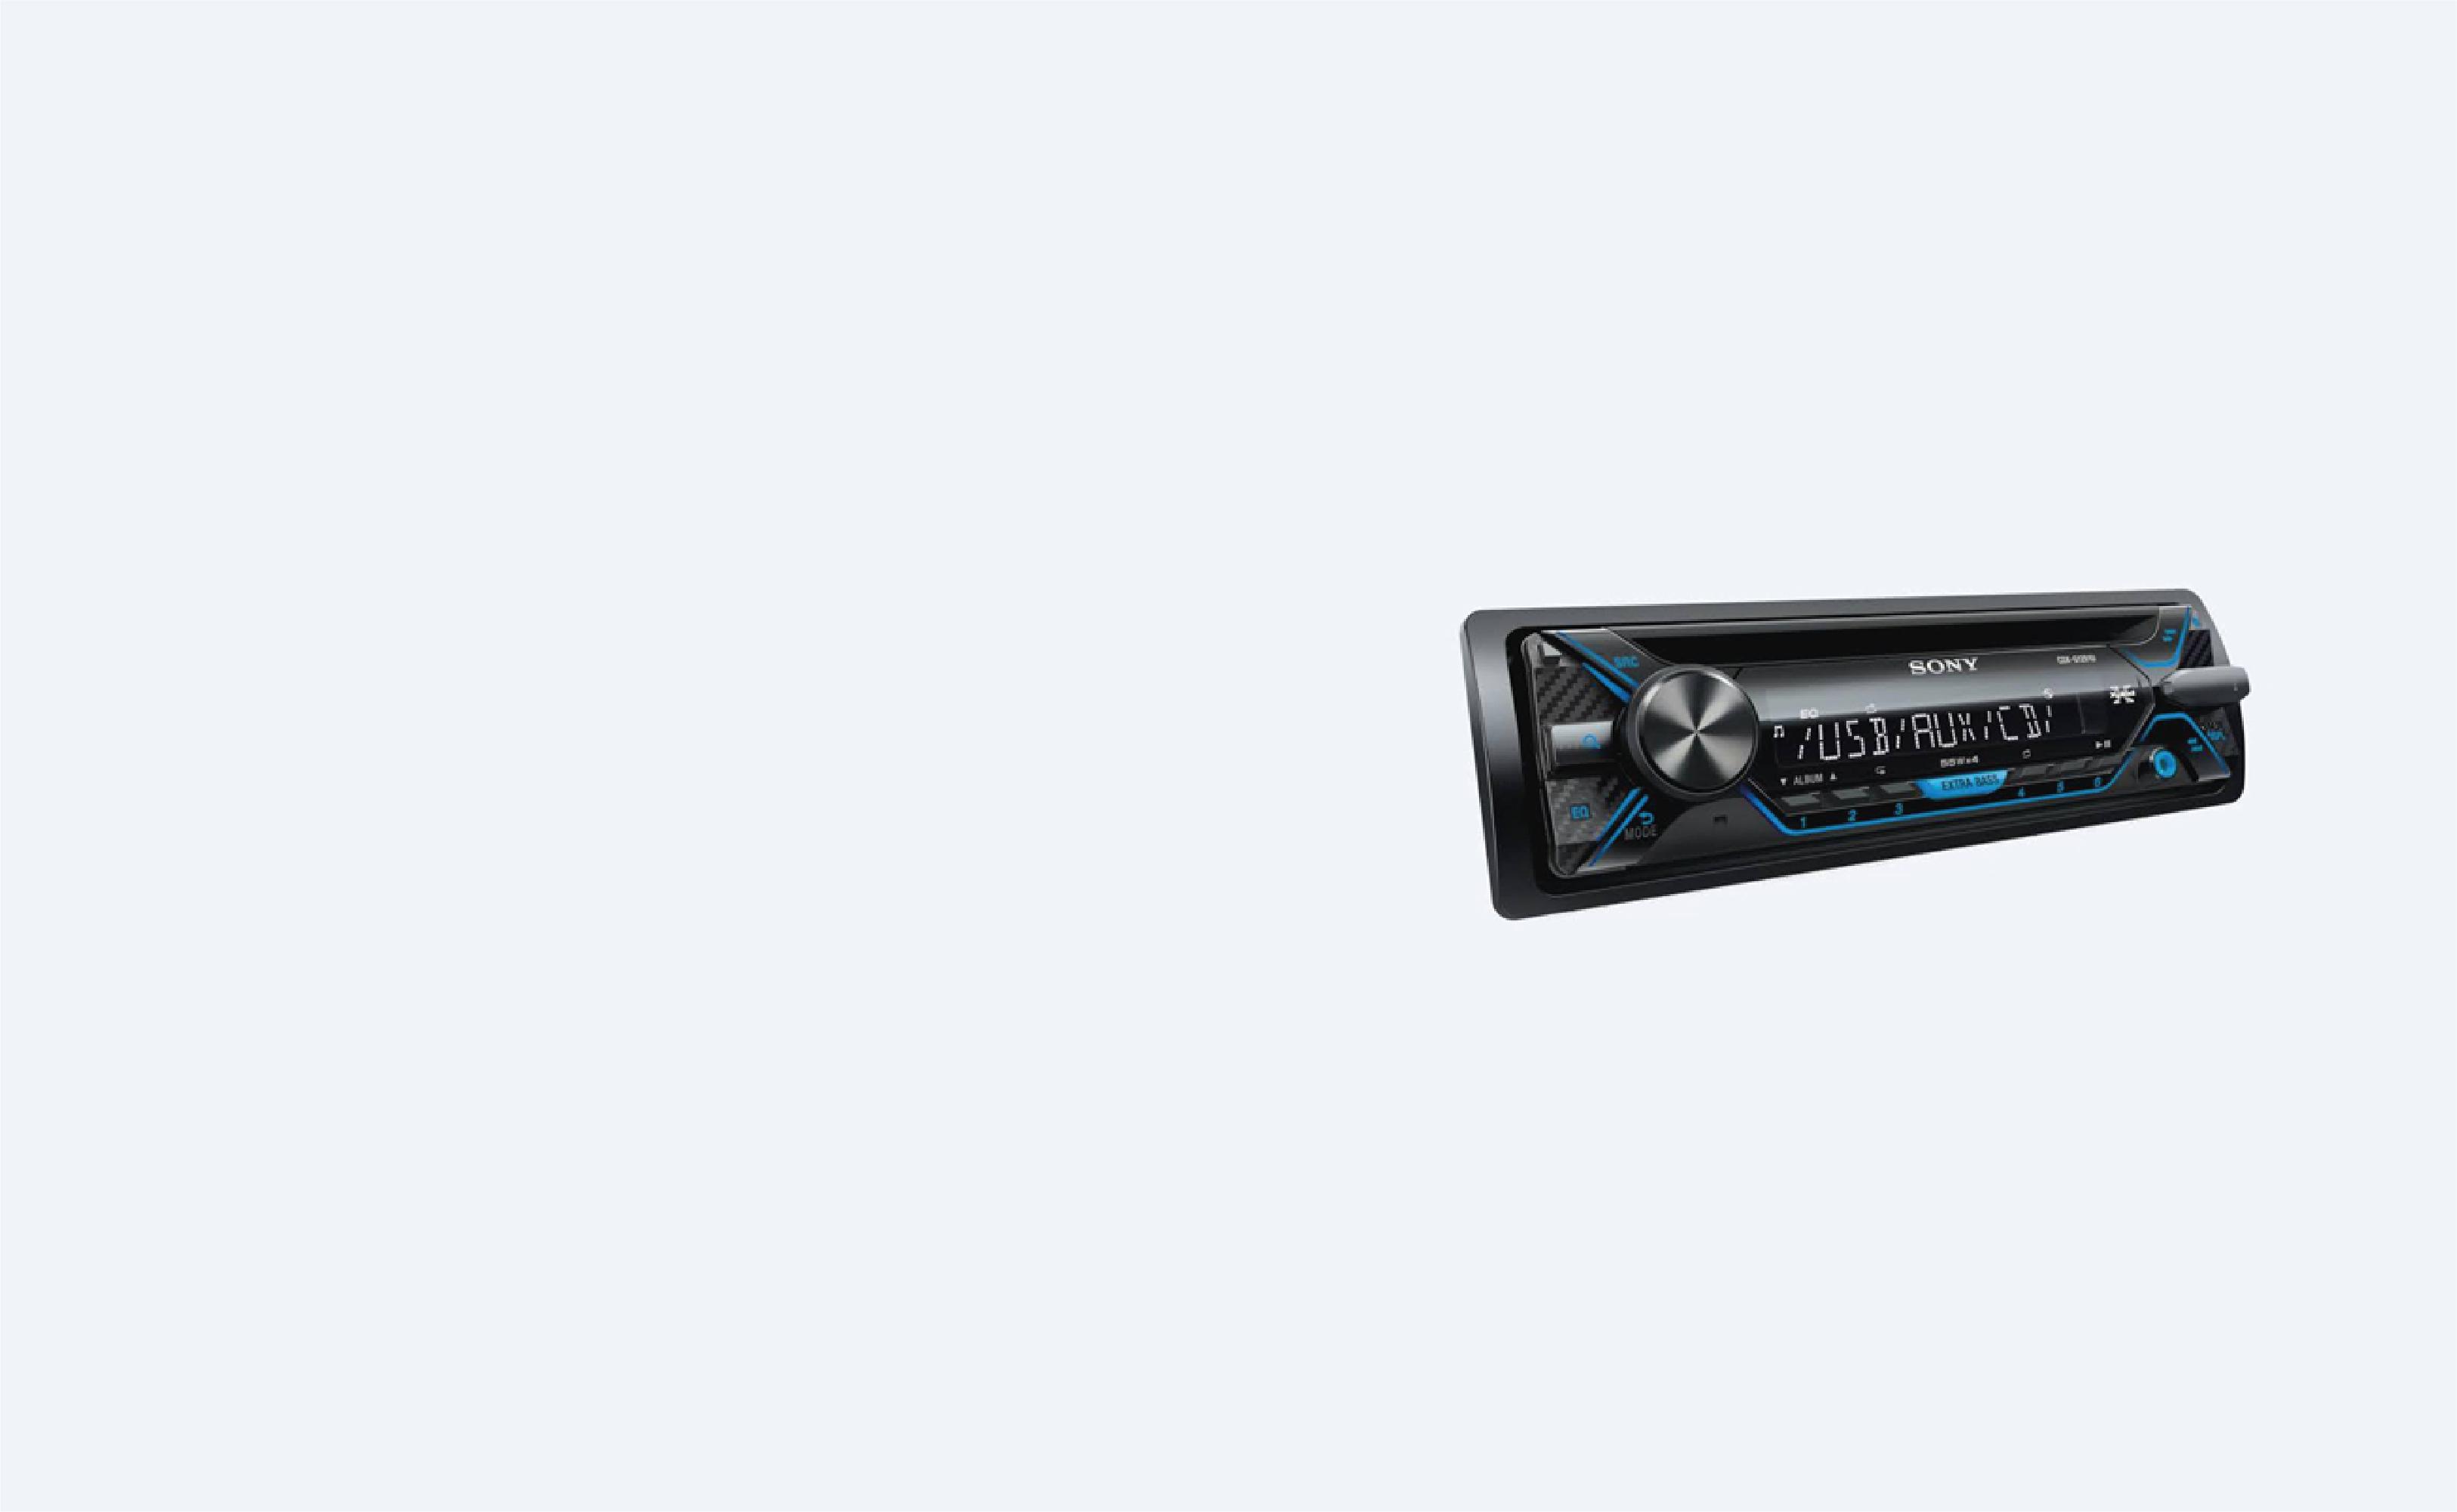 Sony CDX-G1201U Car Stereo